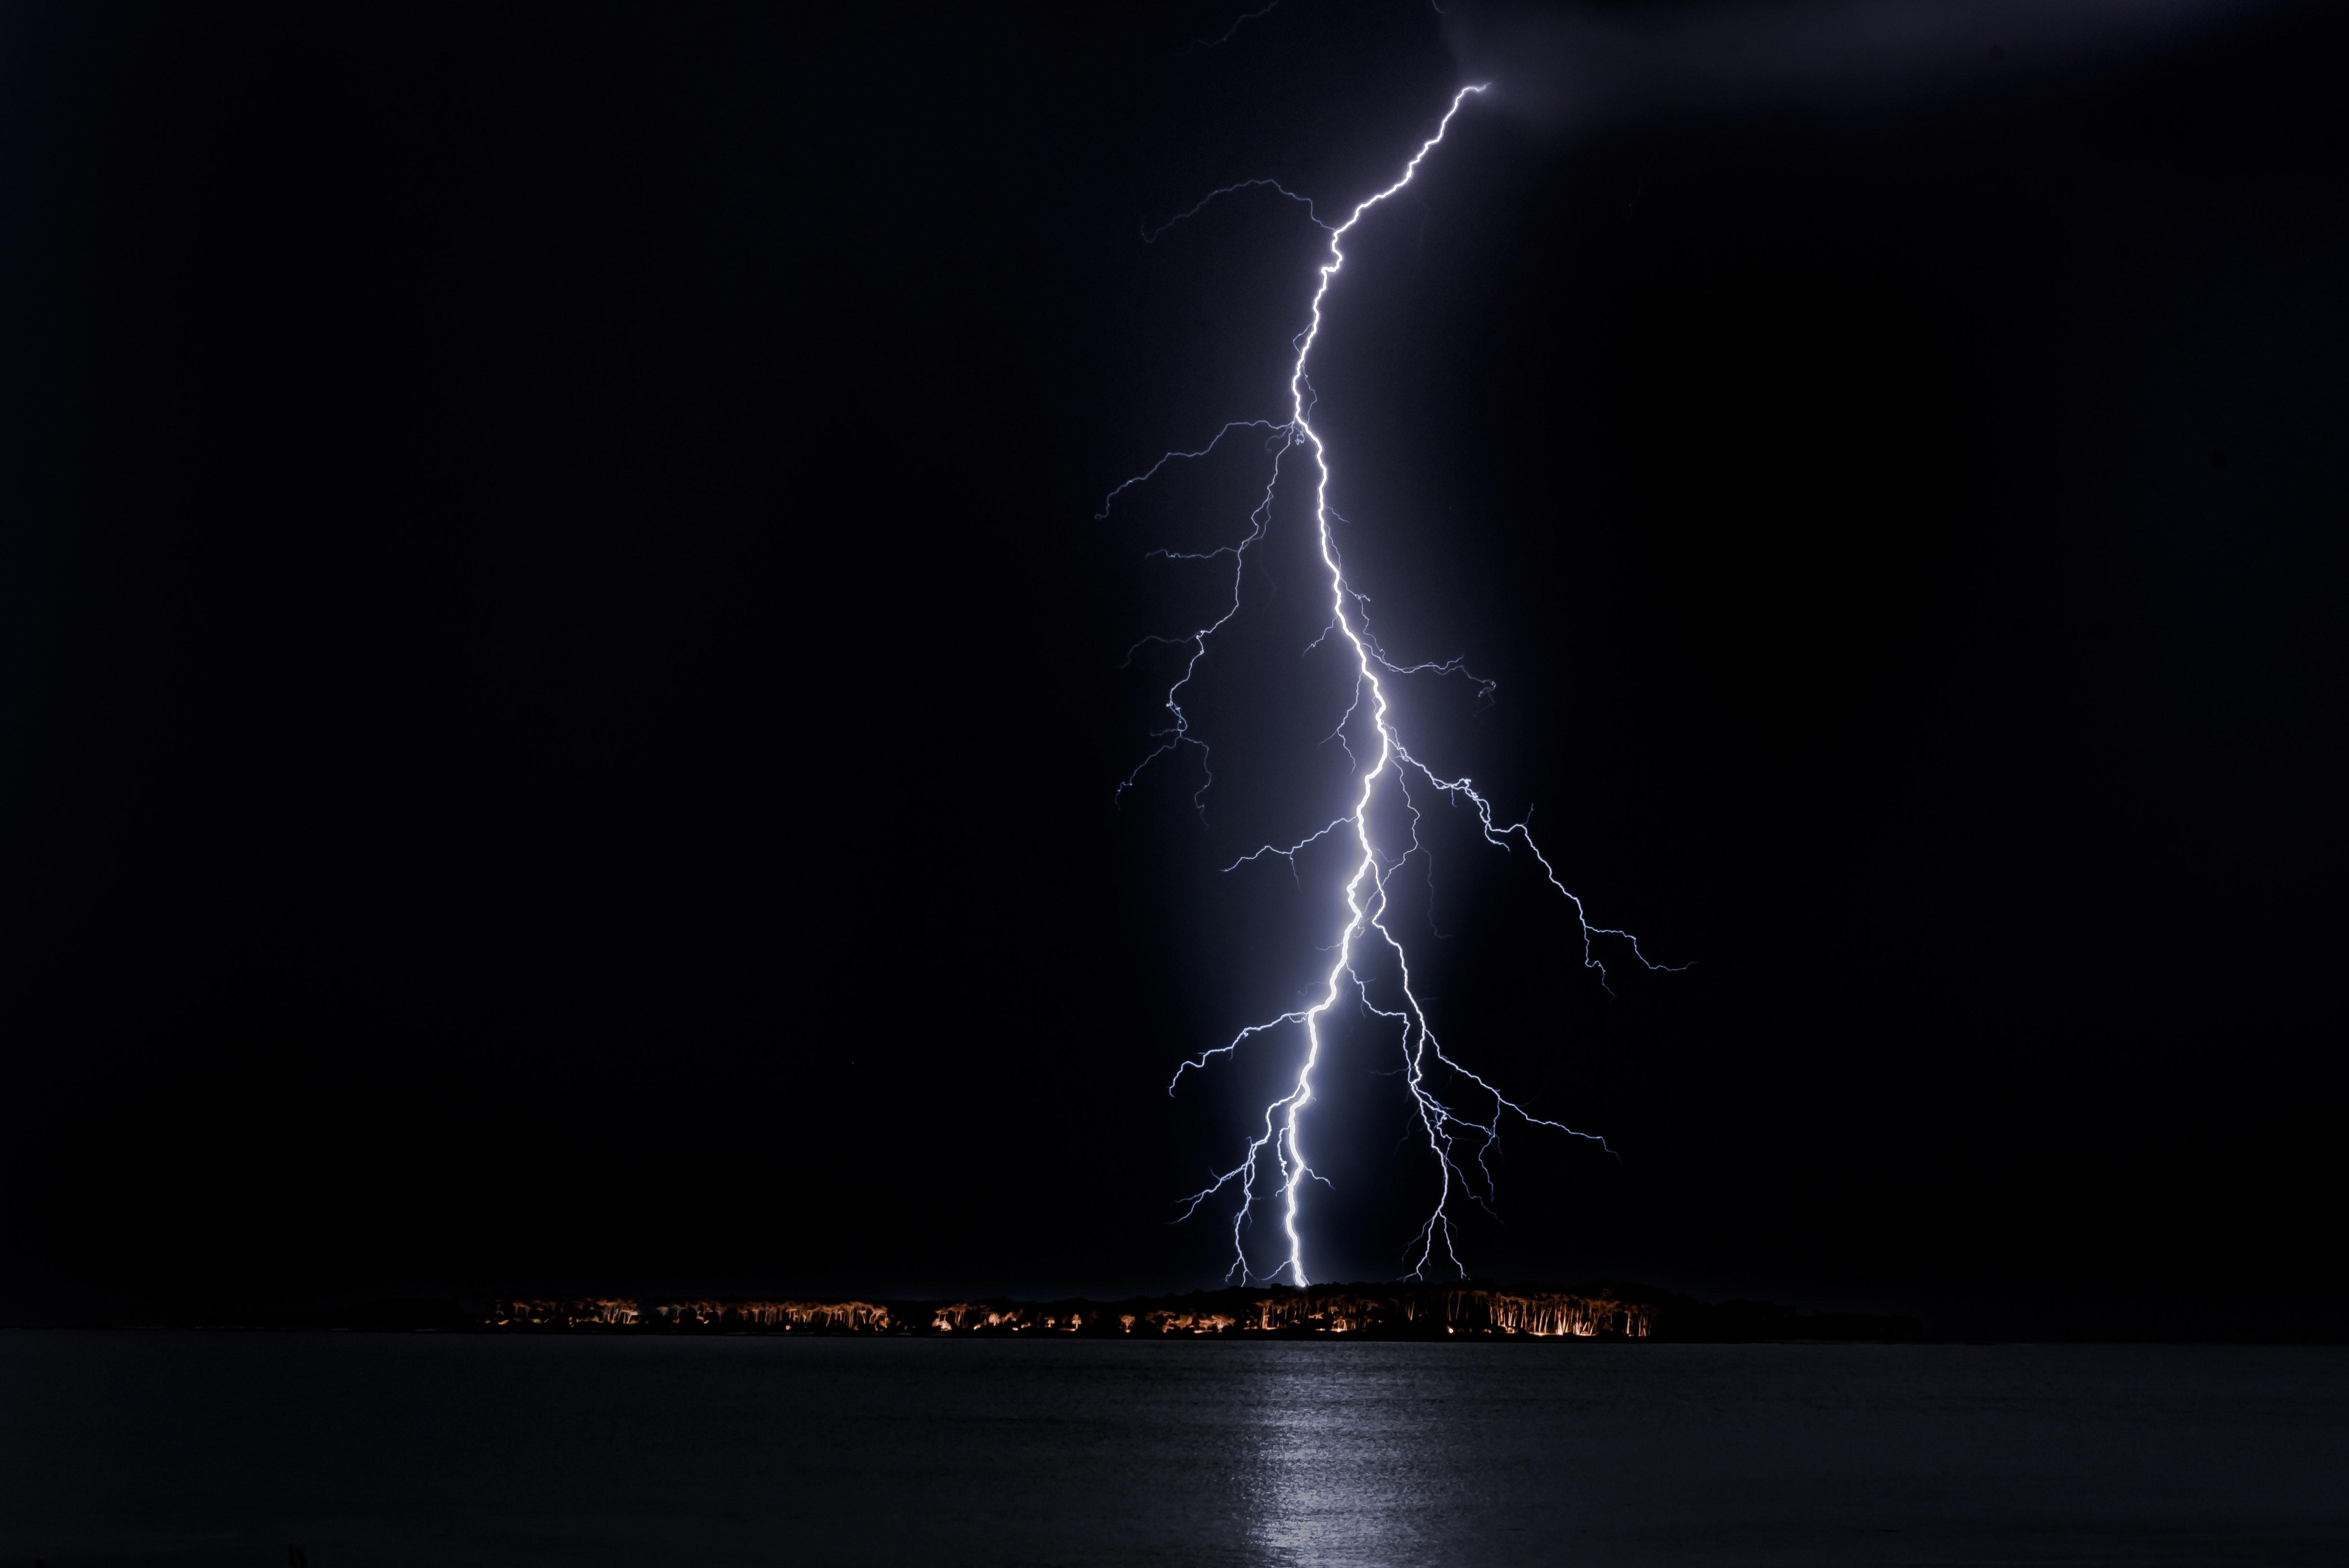 83604 Заставки и Обои Молния на телефон. Скачать Молния, Природа, Море, Ночь, Горизонт, Свет картинки бесплатно